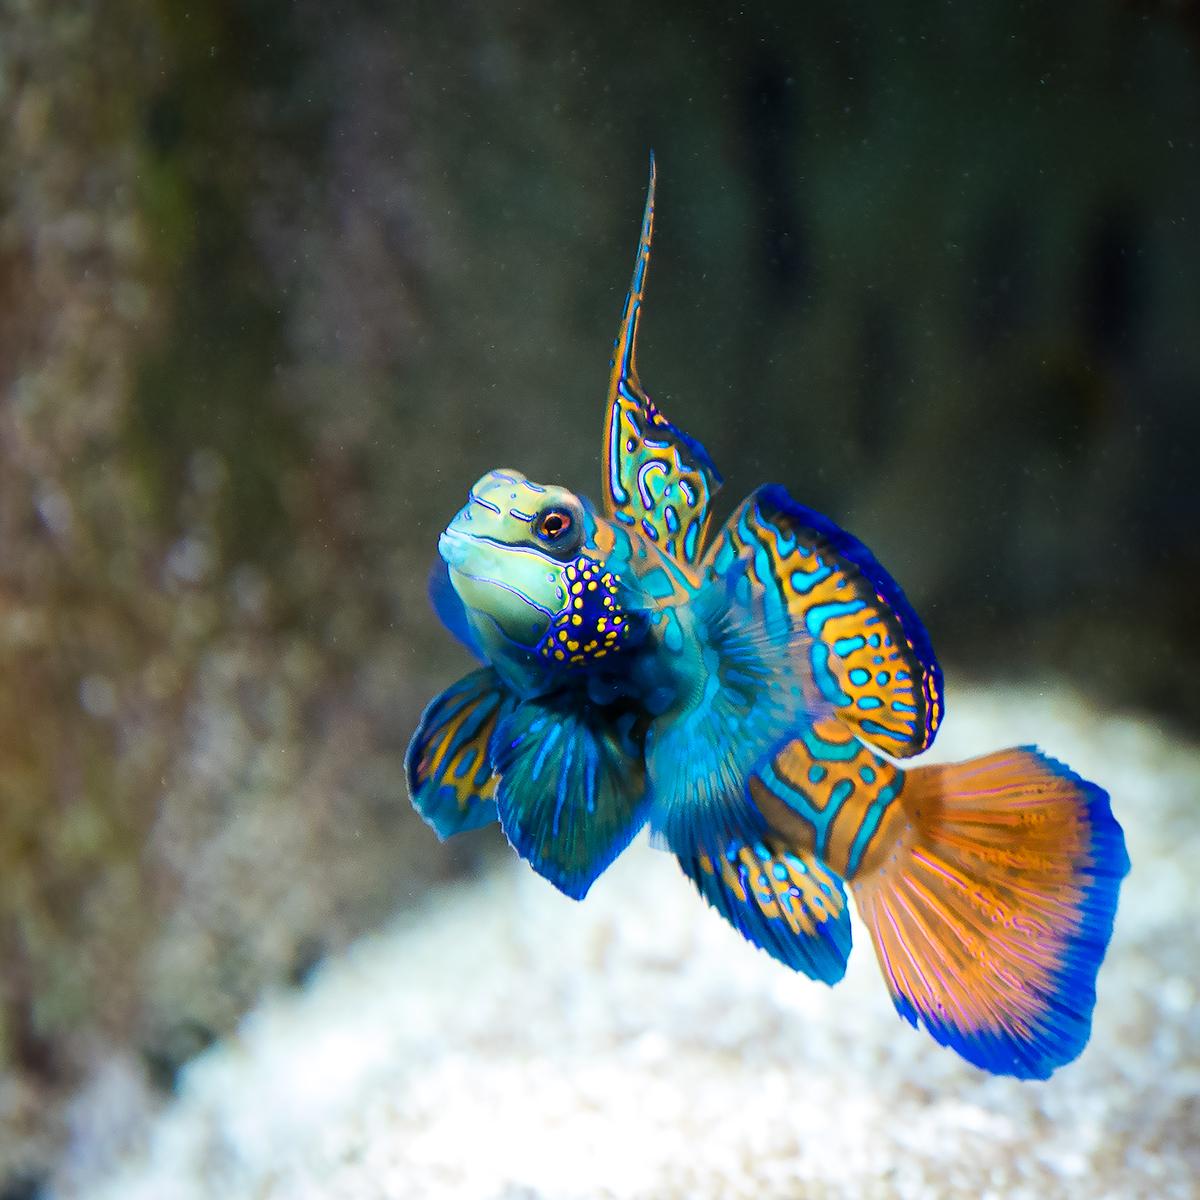 Mandarinfisch im Aquarium unseres Kunden